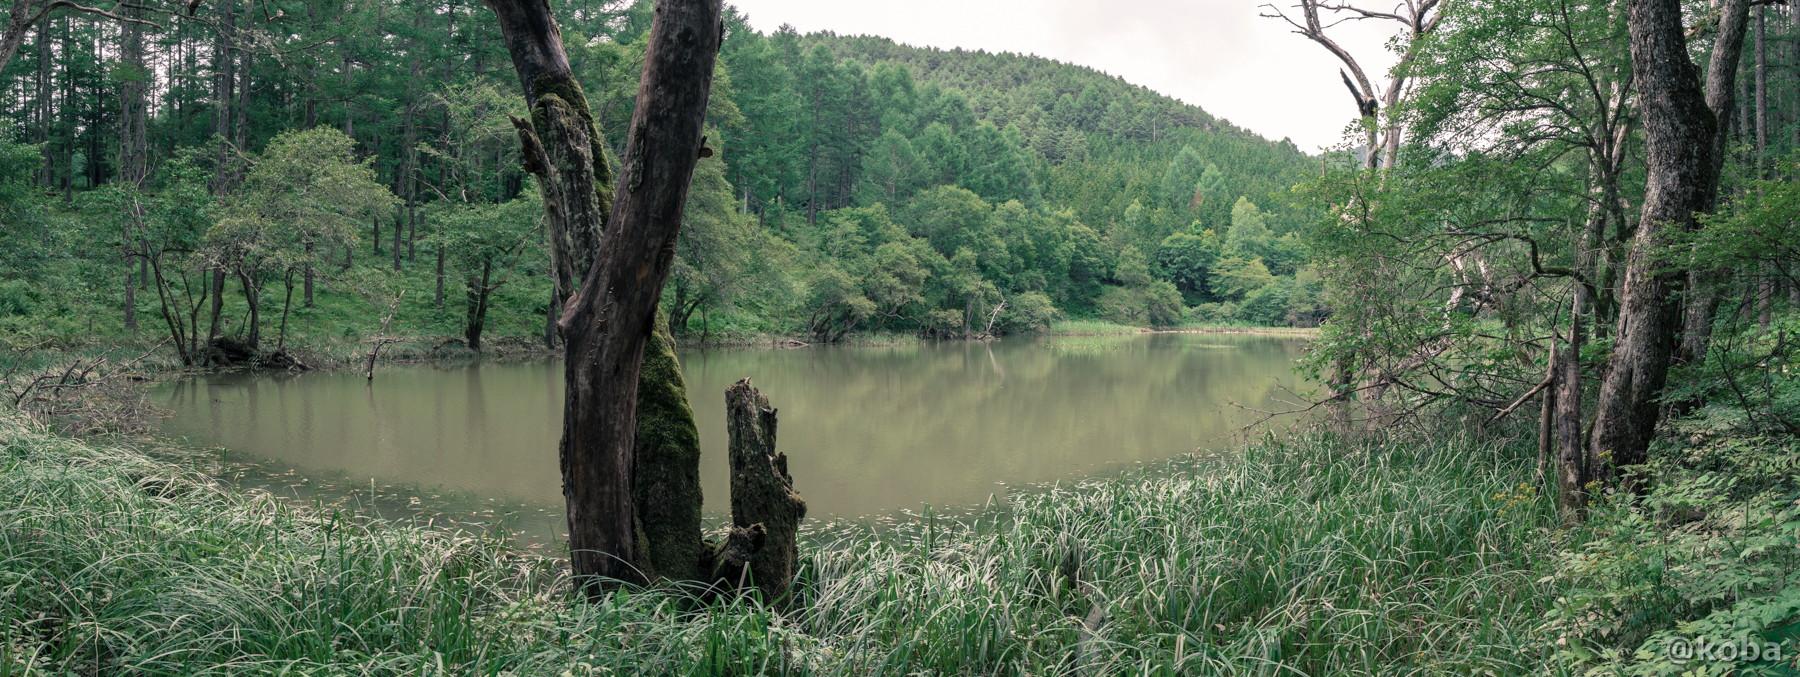 パノラマ写真 panorama 伝説の大池(でんせつのおおいけ) 長野県下伊那郡大鹿村鹿塩 ブログ画像